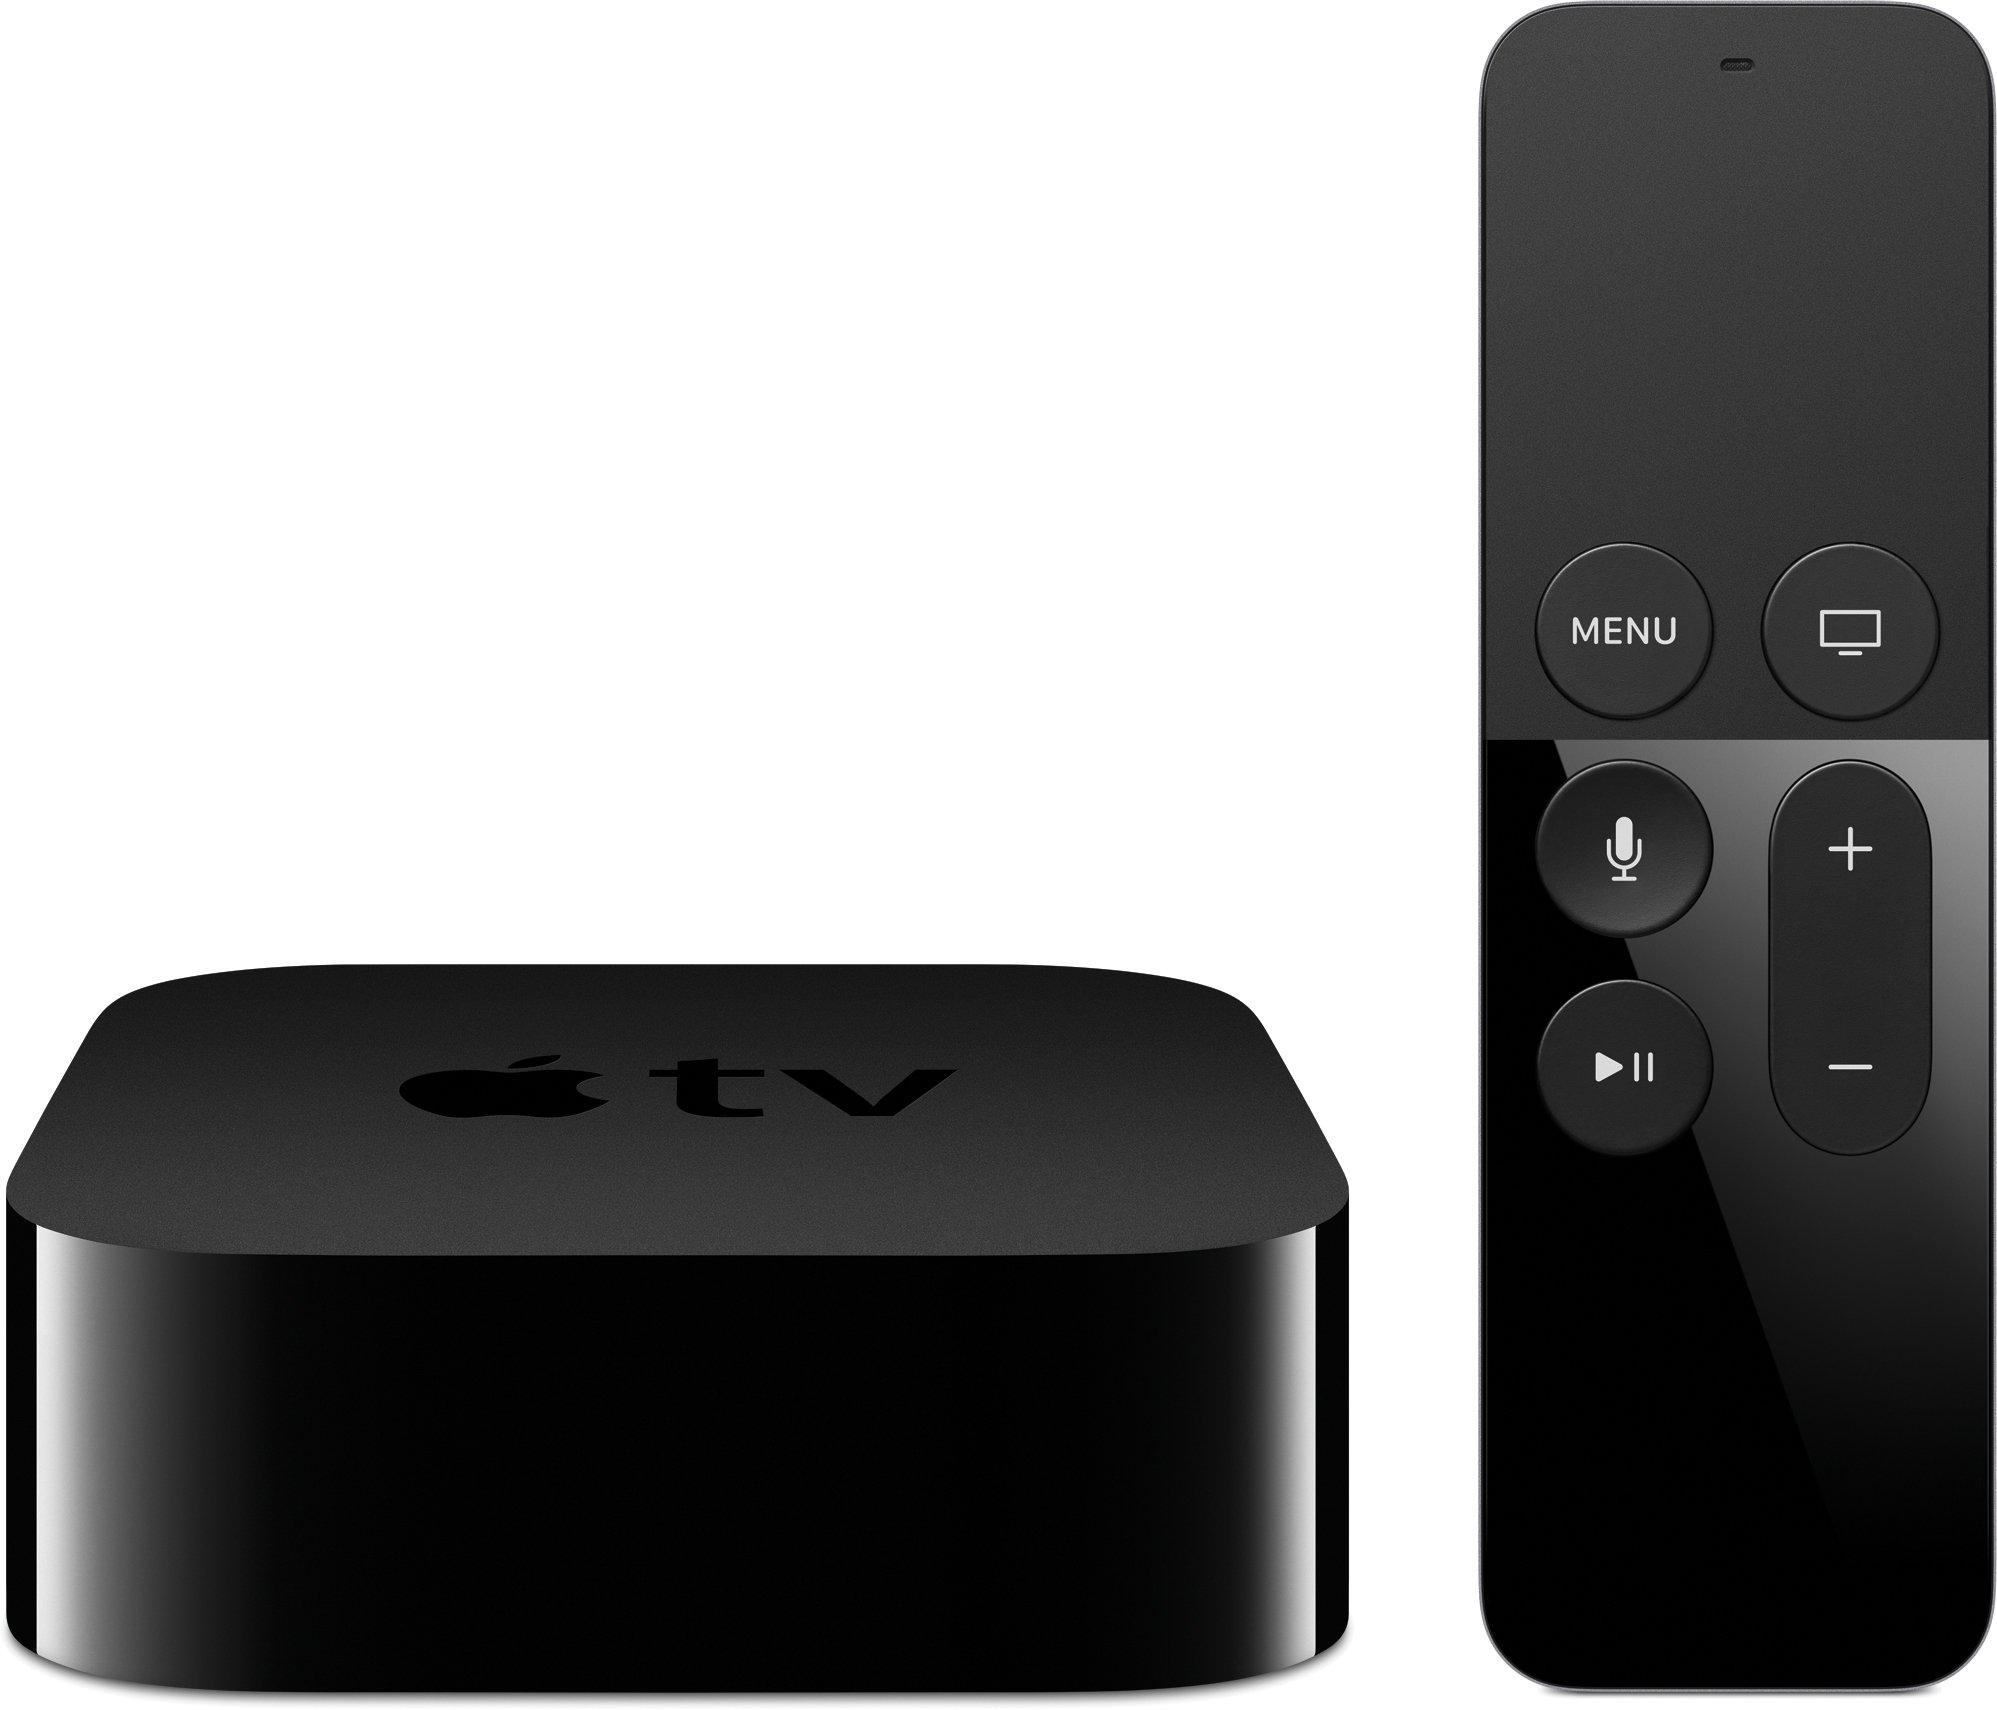 Nova Apple TV já pode ser comprada no Brasil